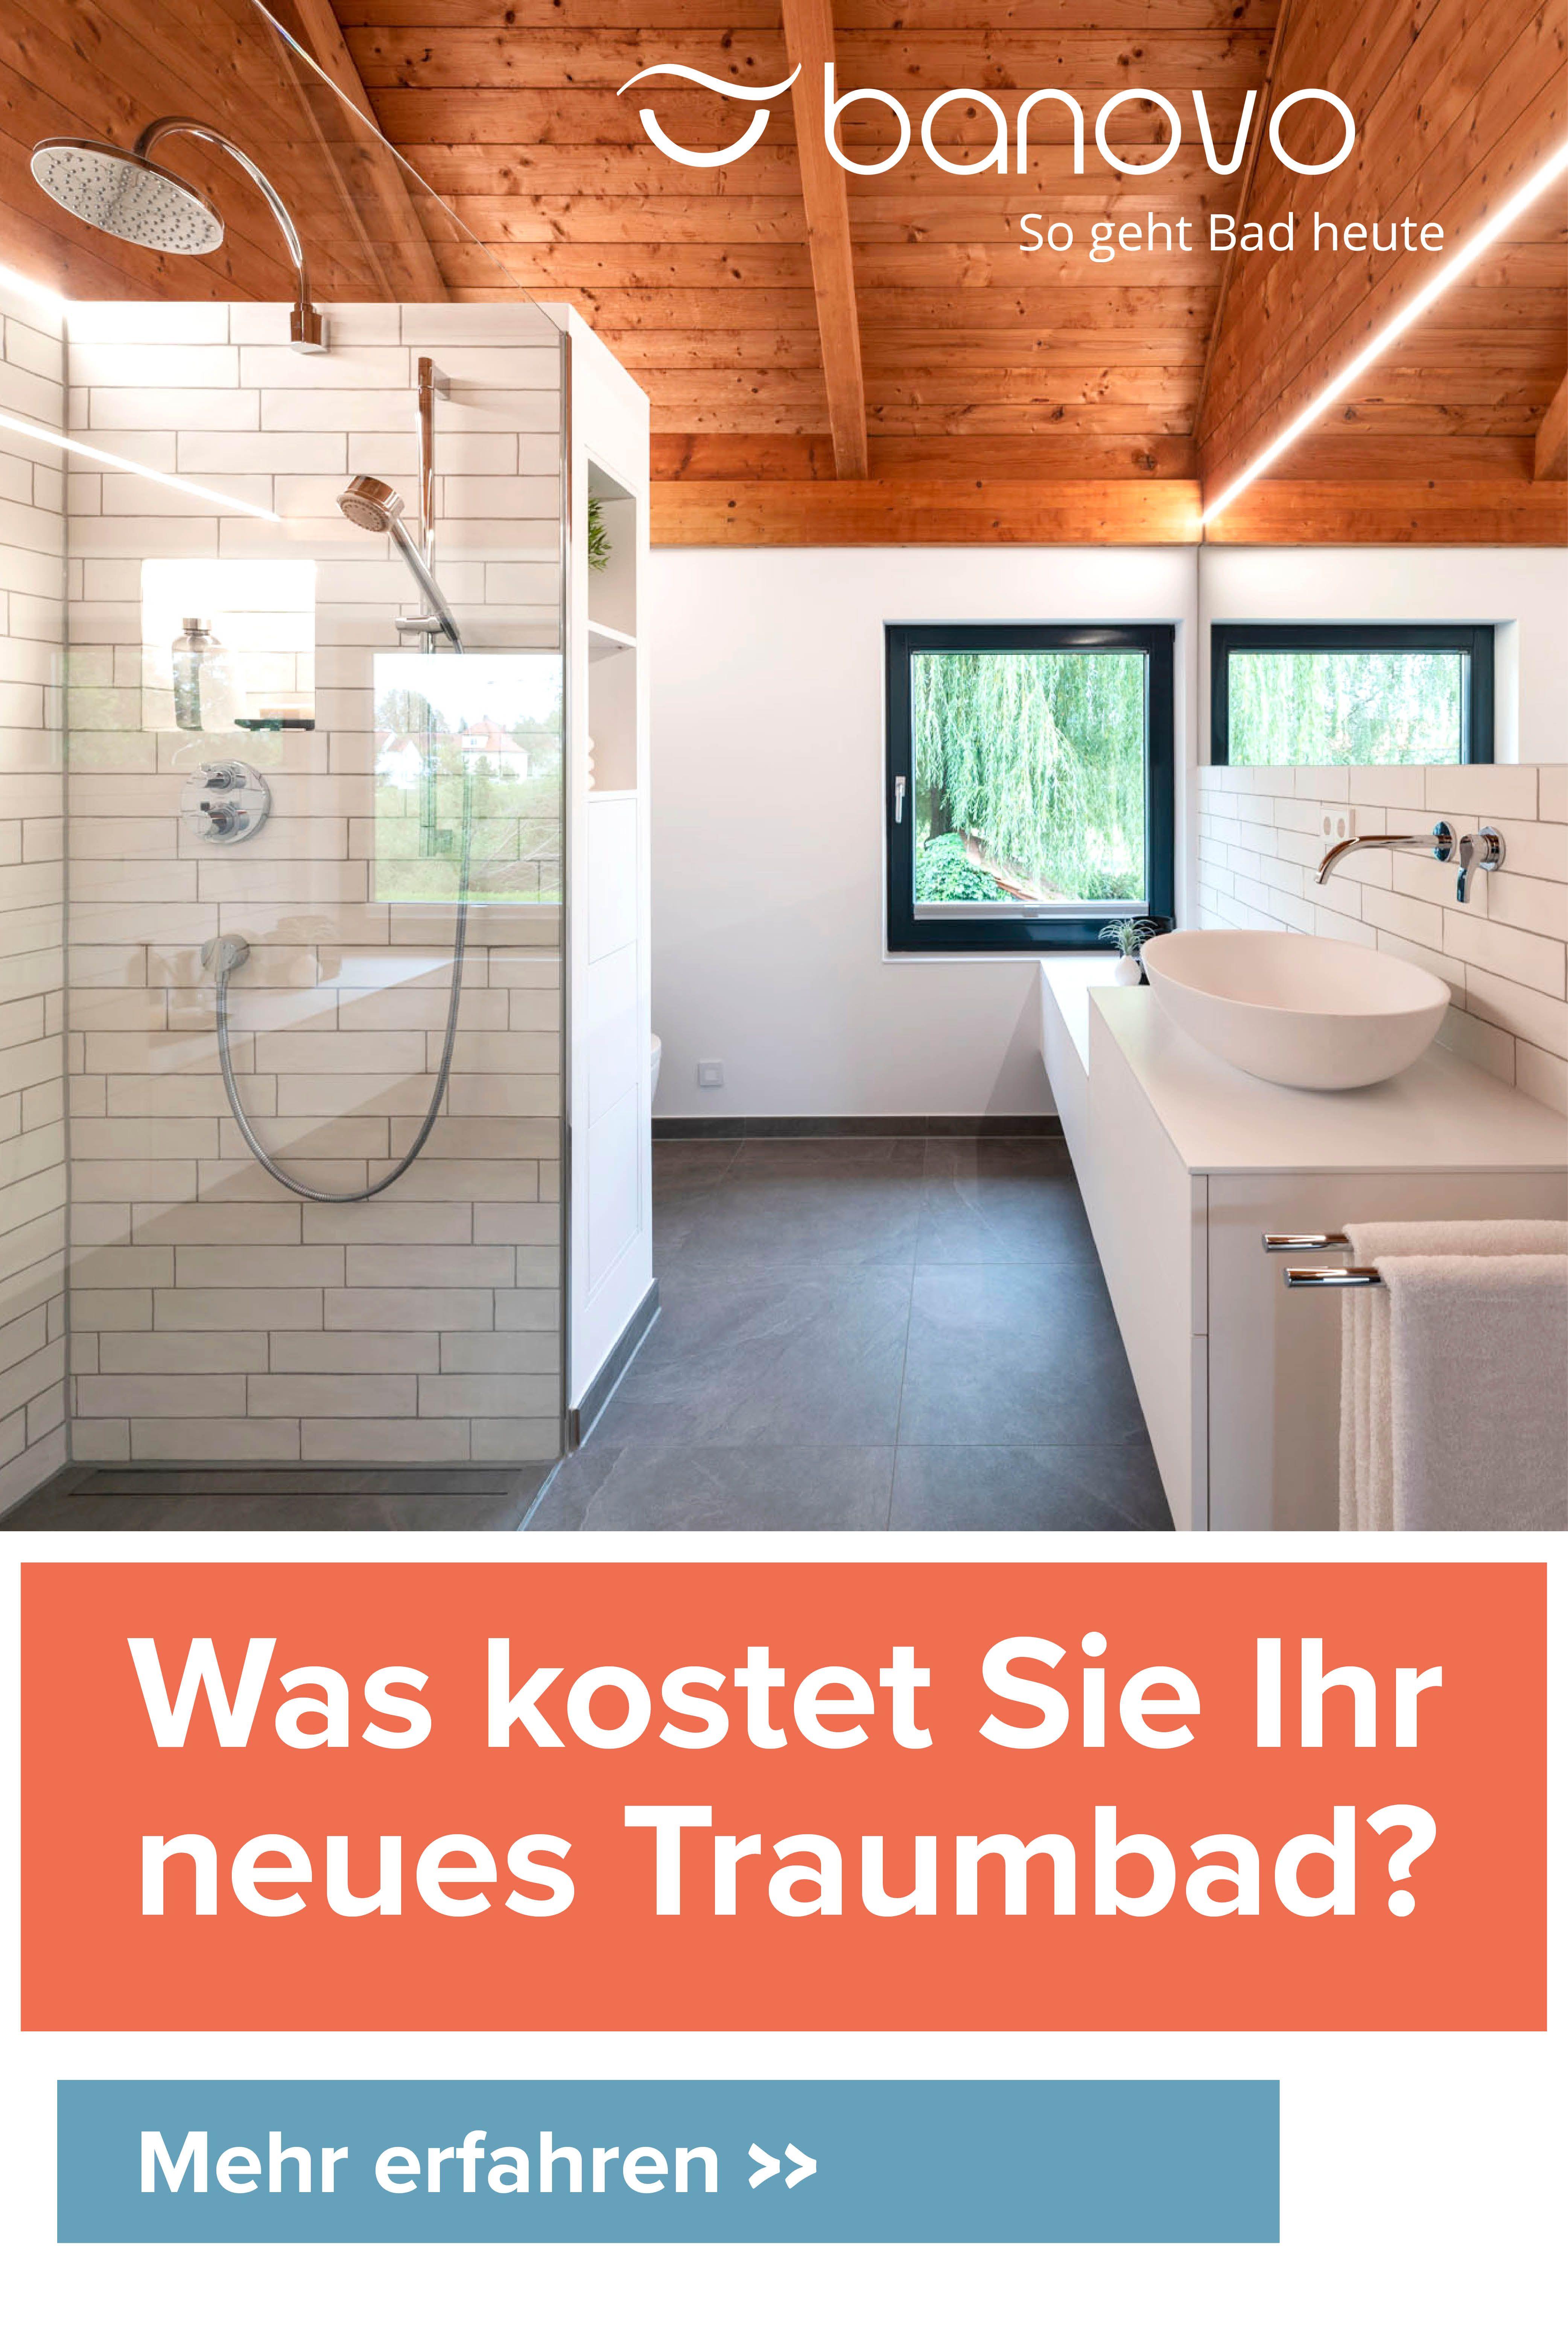 Wir Liefern Ihnen Eine Preisschatzung Fur Ihr Neues Traumbad Planen Sanieren Und Geniessen Sie Entspannt Mit Uns Ihr Badezimmer Bad Neues Bad Kosten Traumbad